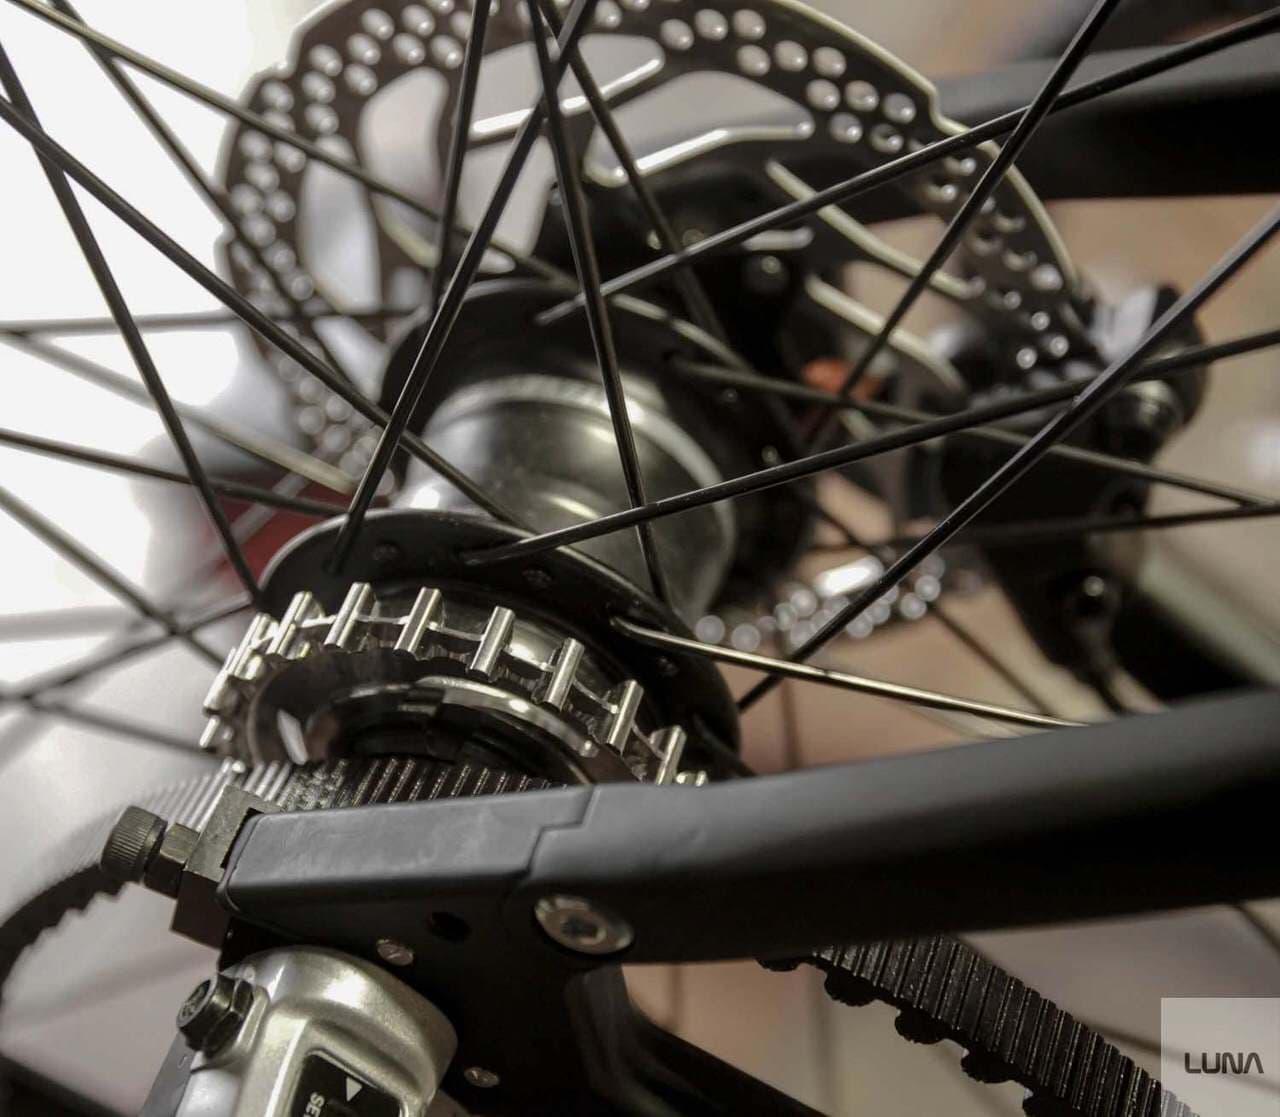 電動アシストに見えない電動アシスト自転車「Luna Fixed Stealth Ebike」